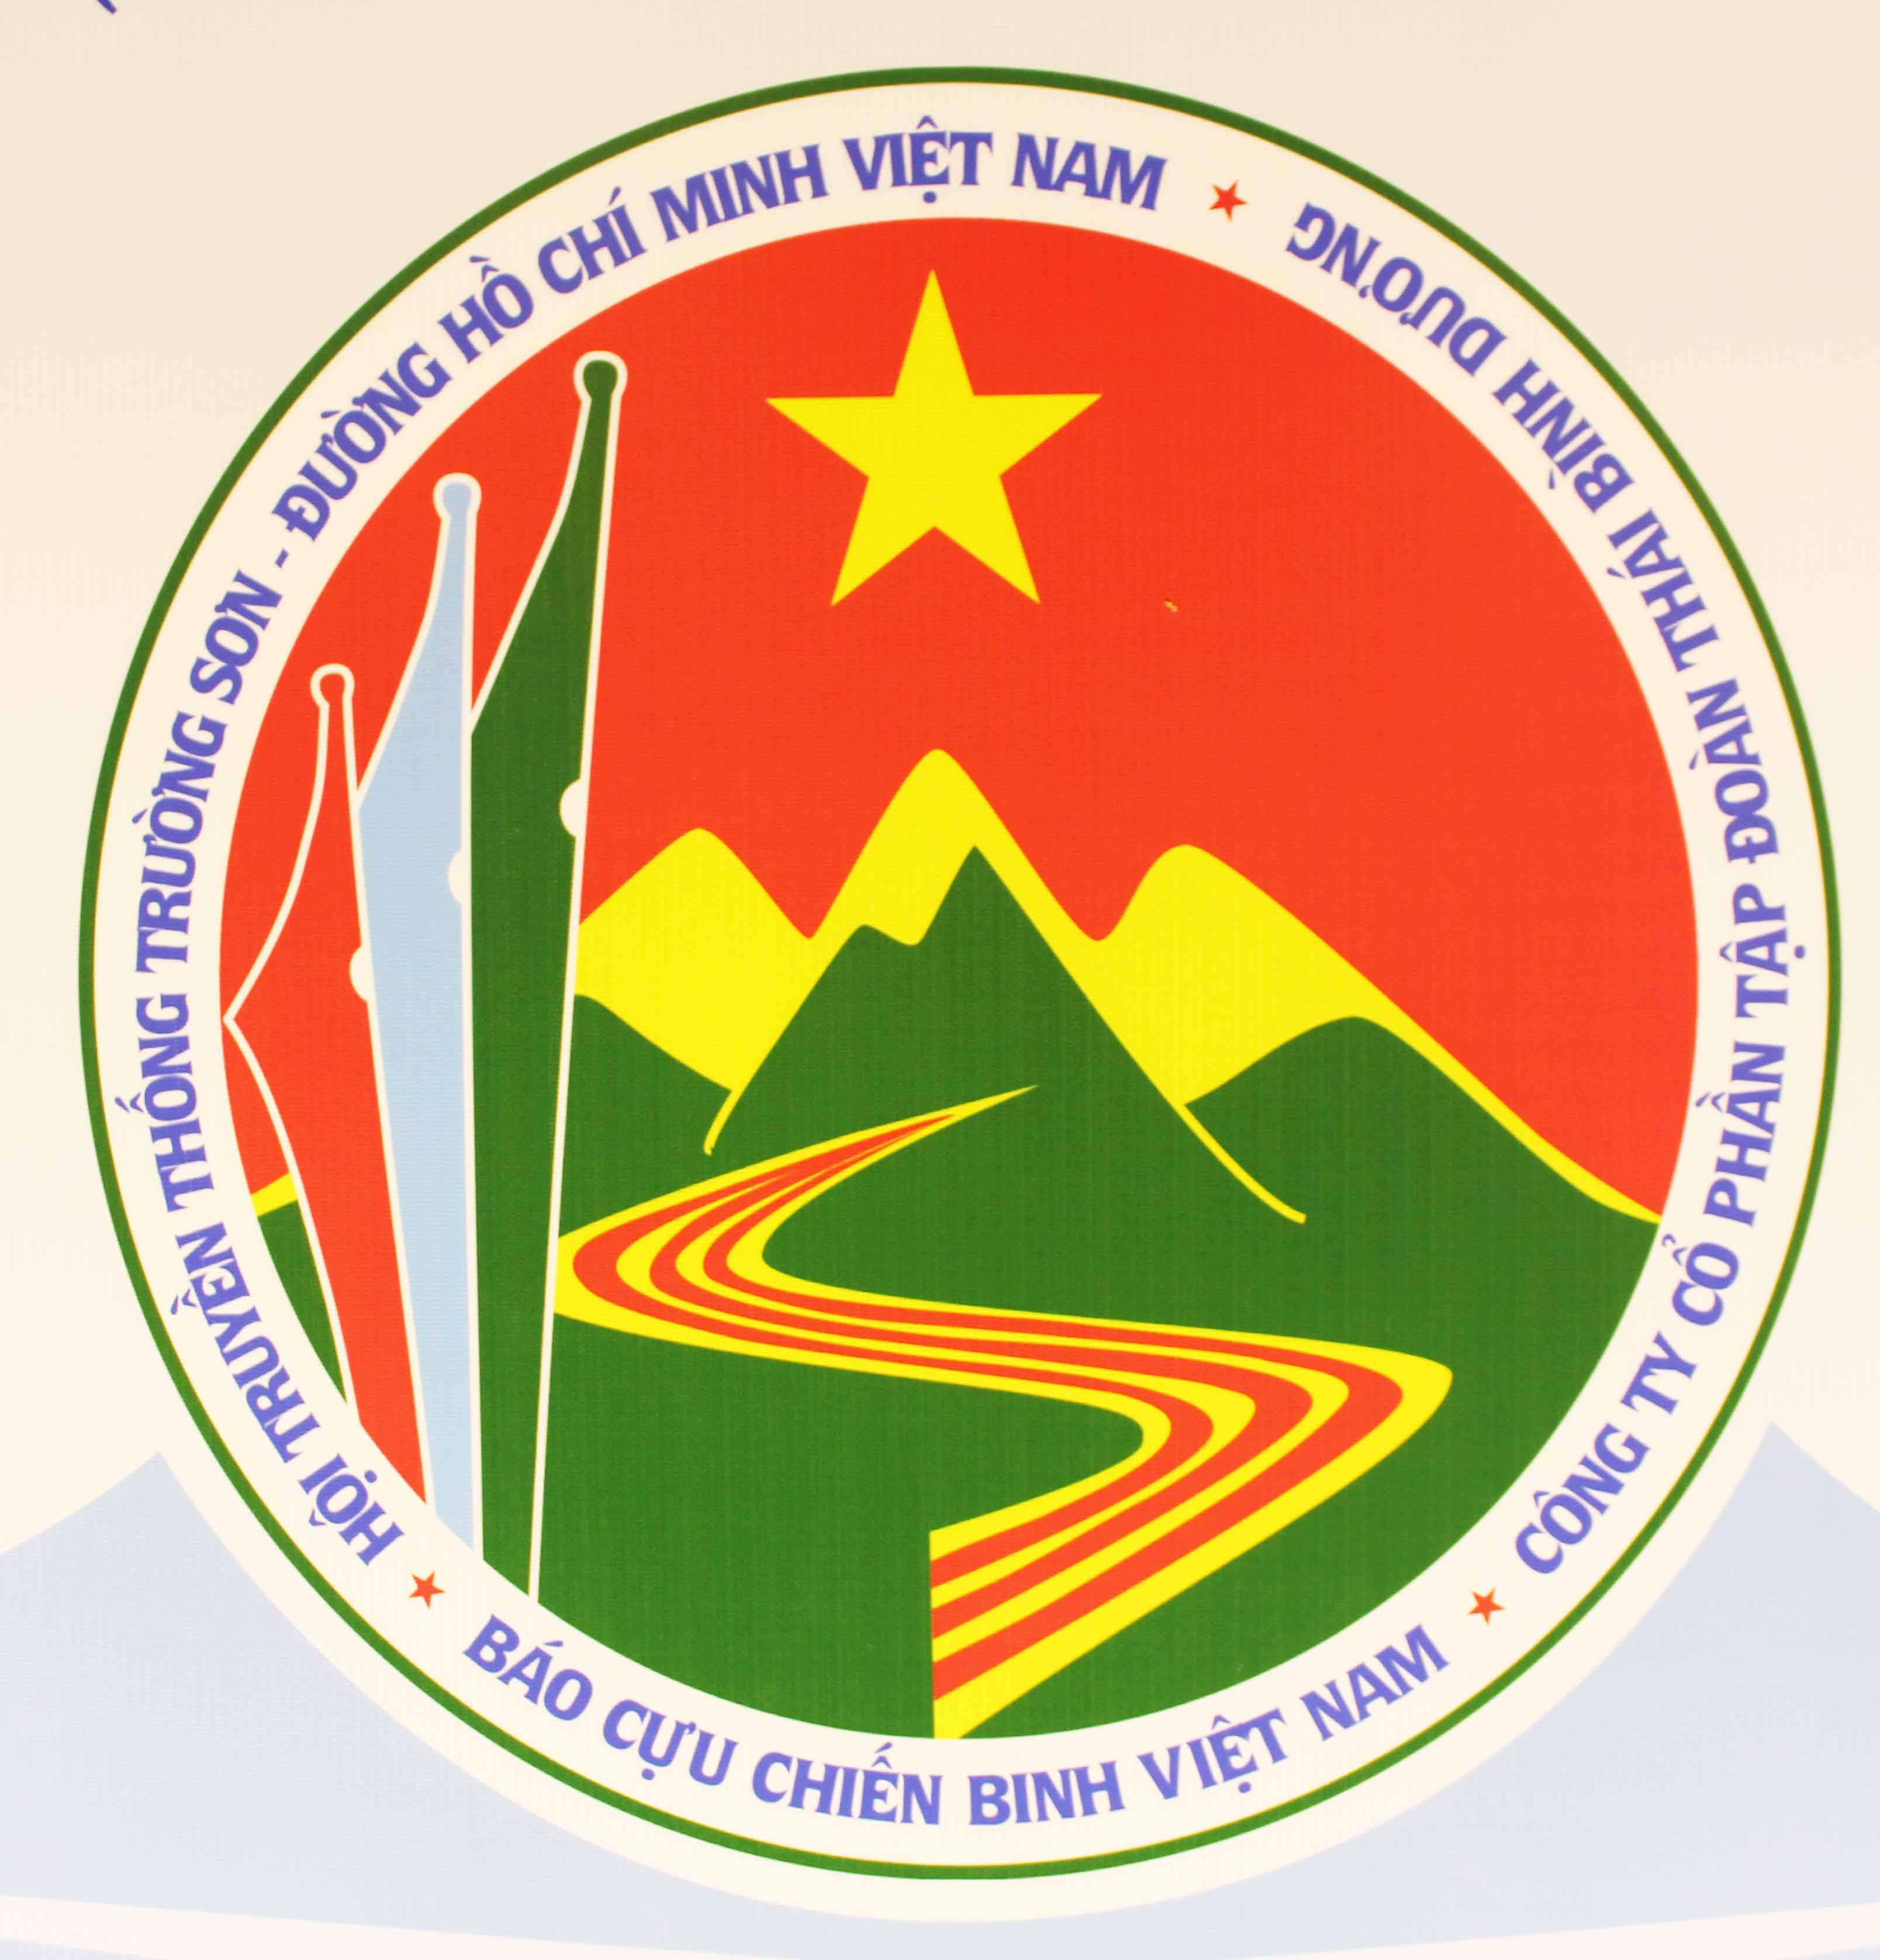 Con đường hòa bình - Bút ký của Trần Thị Nhật Tân